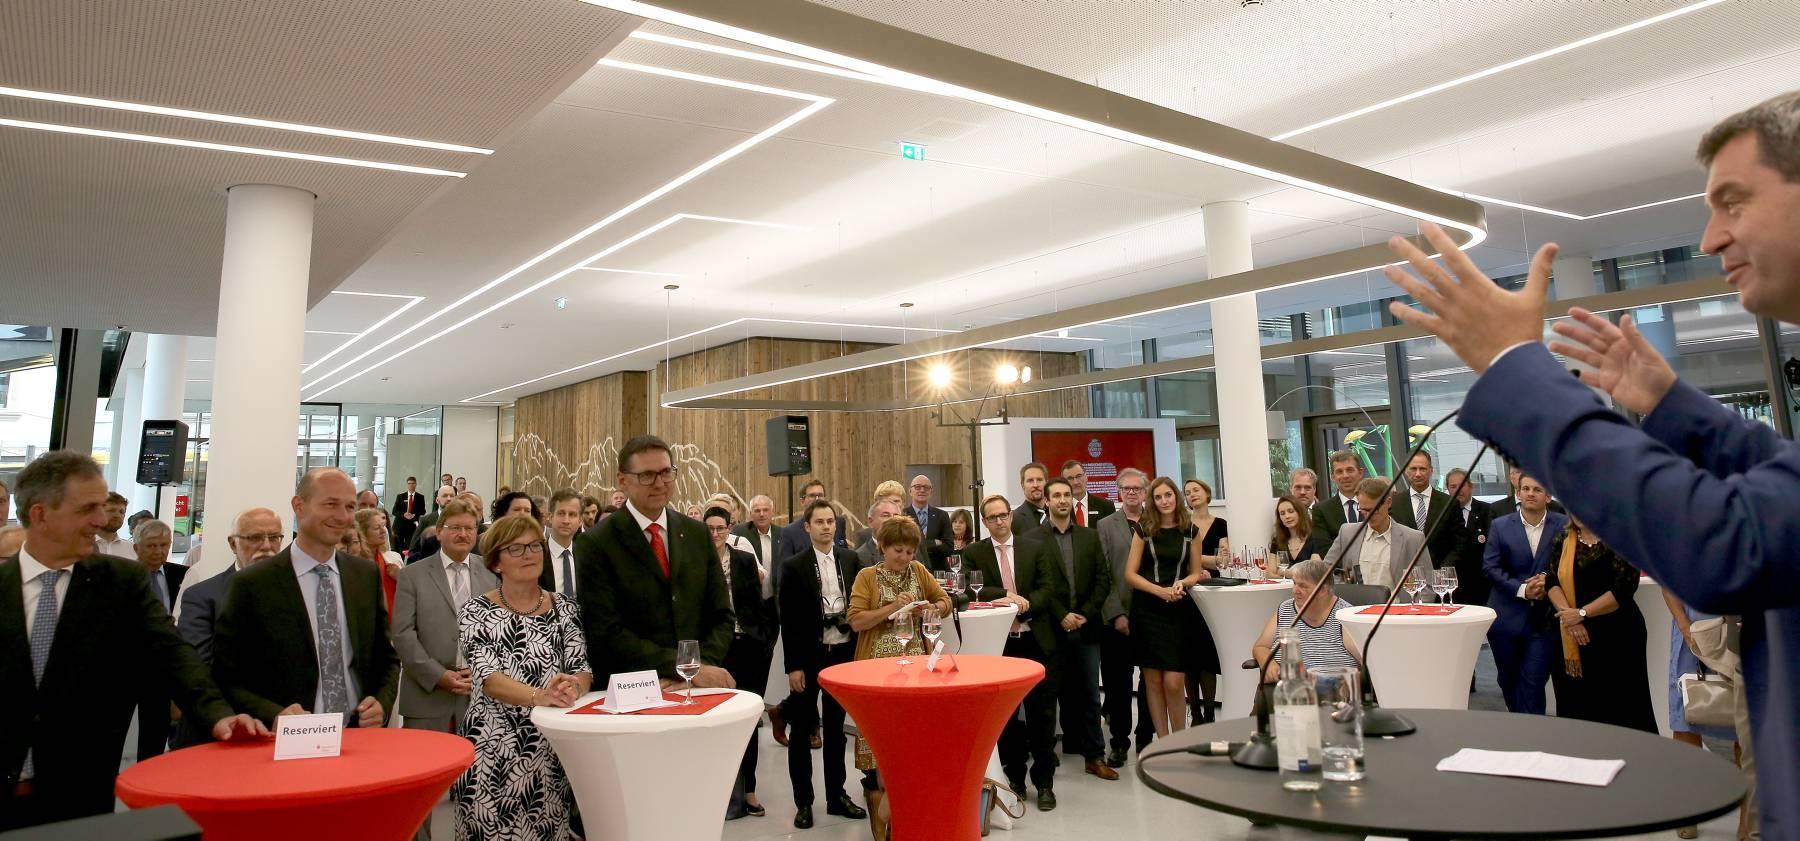 Bayerns Finanzminister Söder (links) sp ...